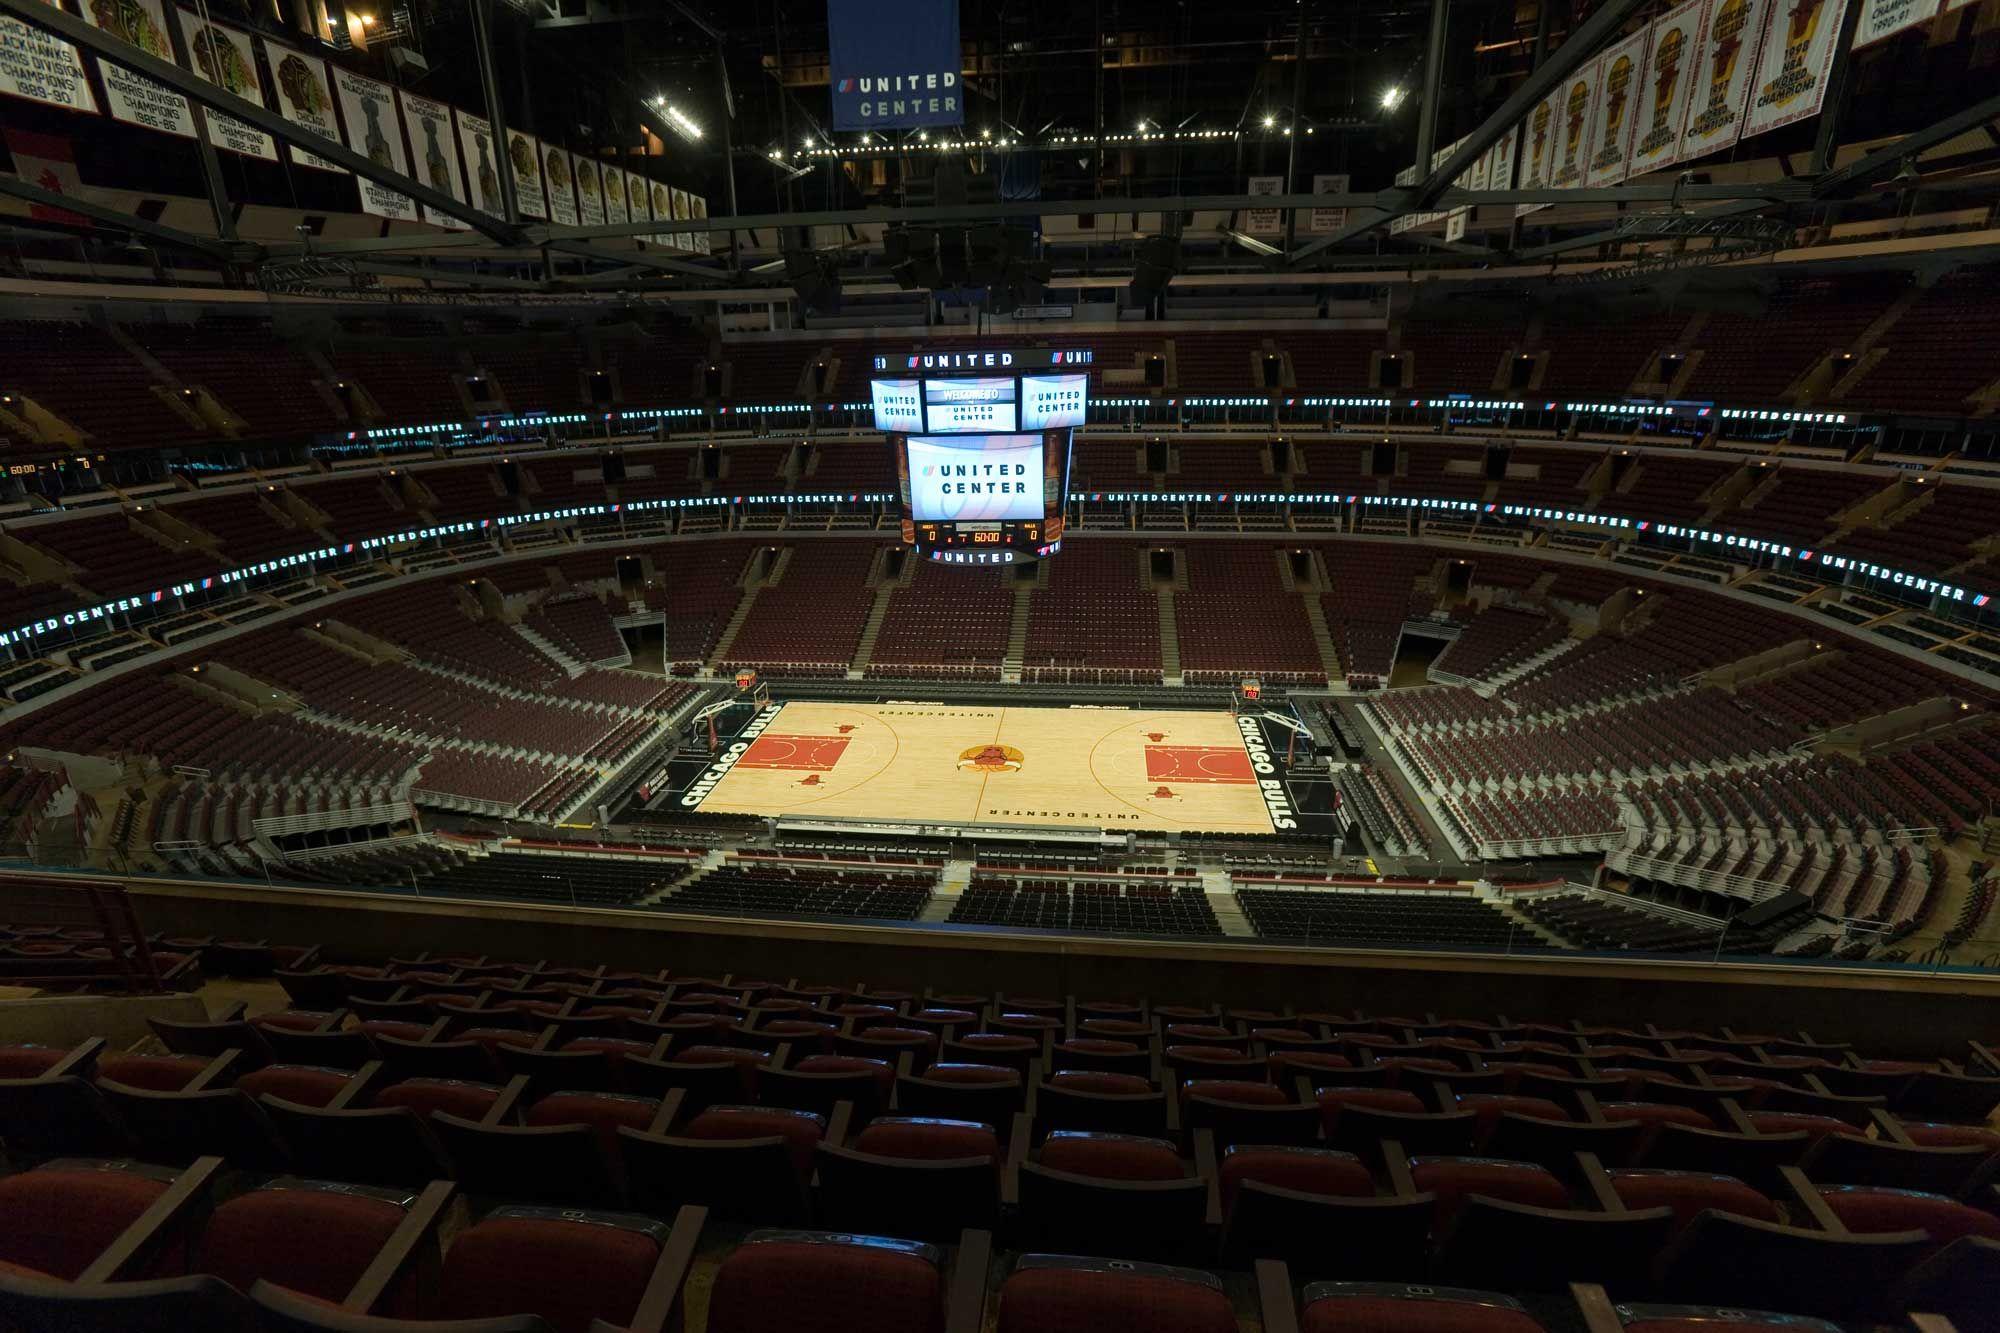 Exterior: United Center (Bulls Game), Chicago, IL